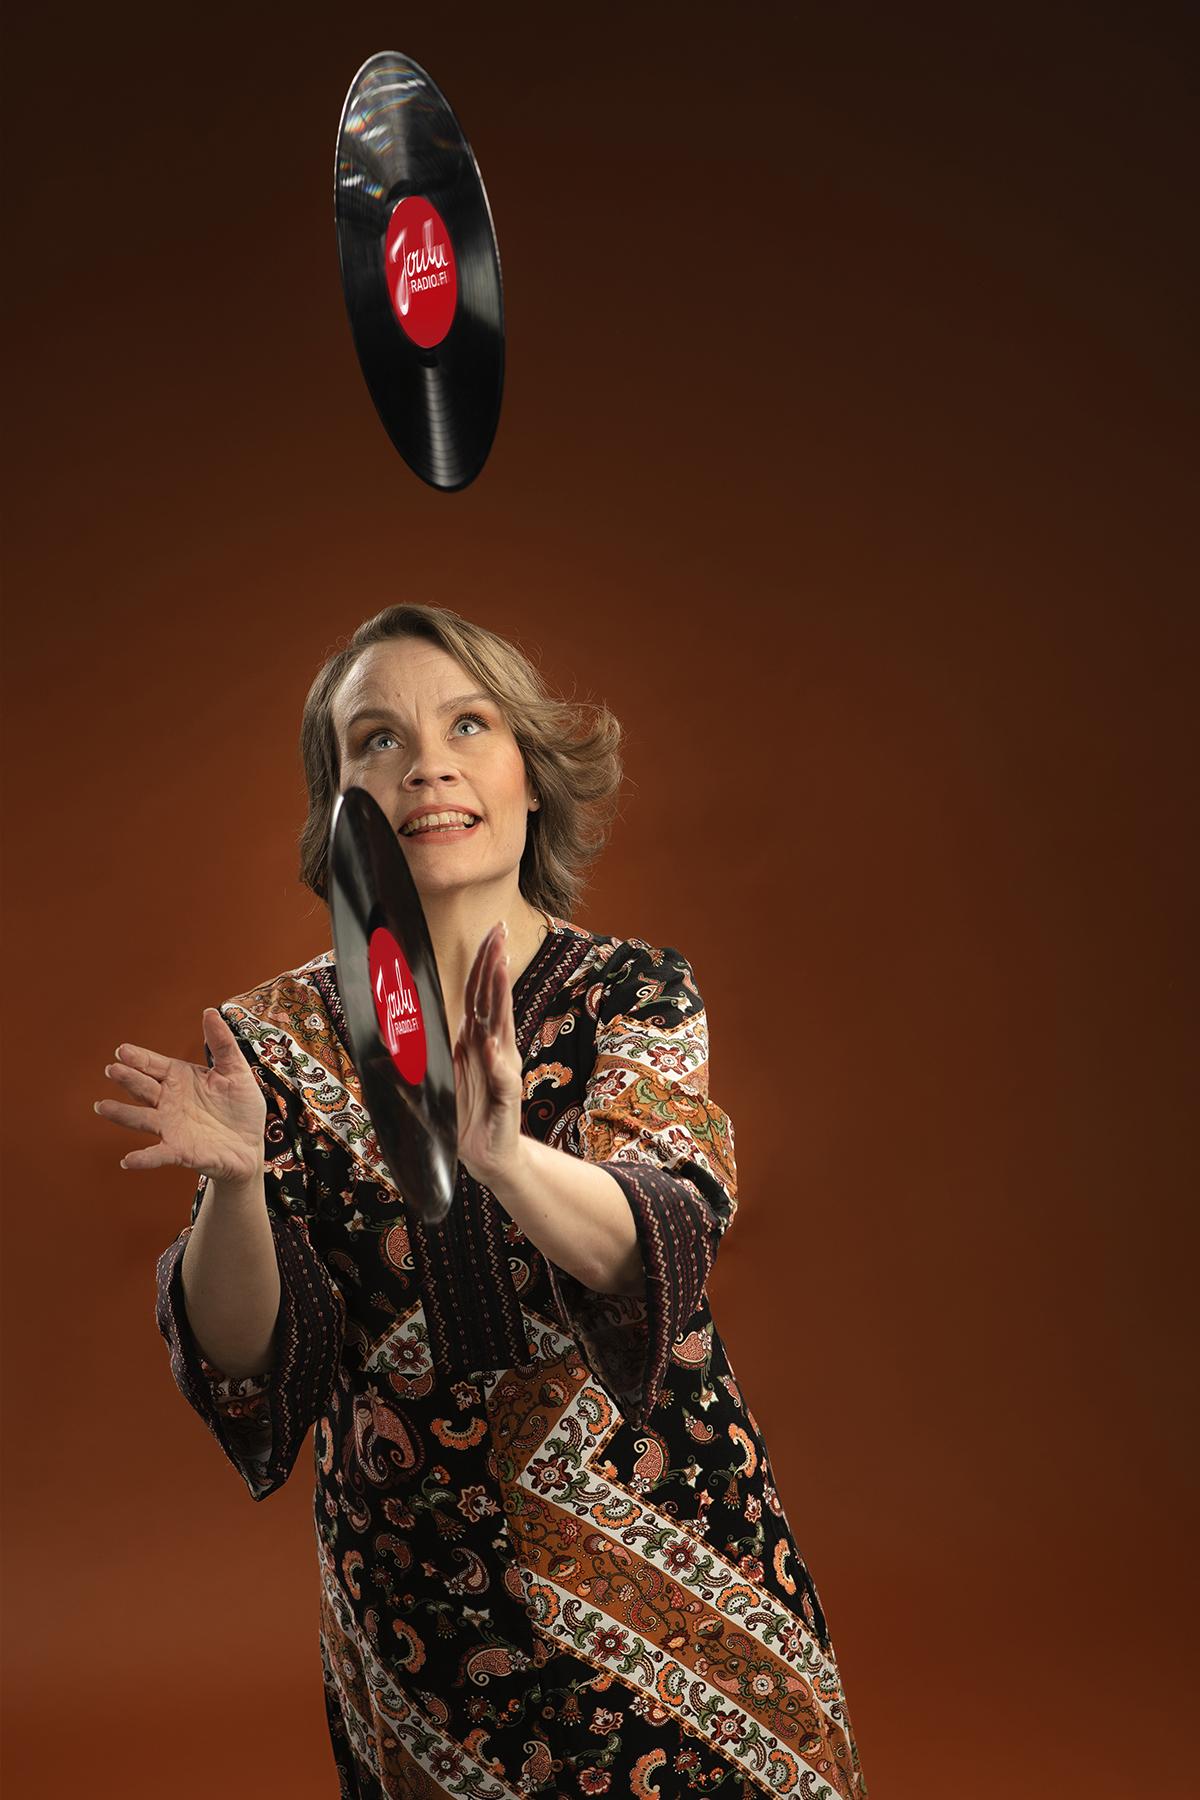 Miia Valenko